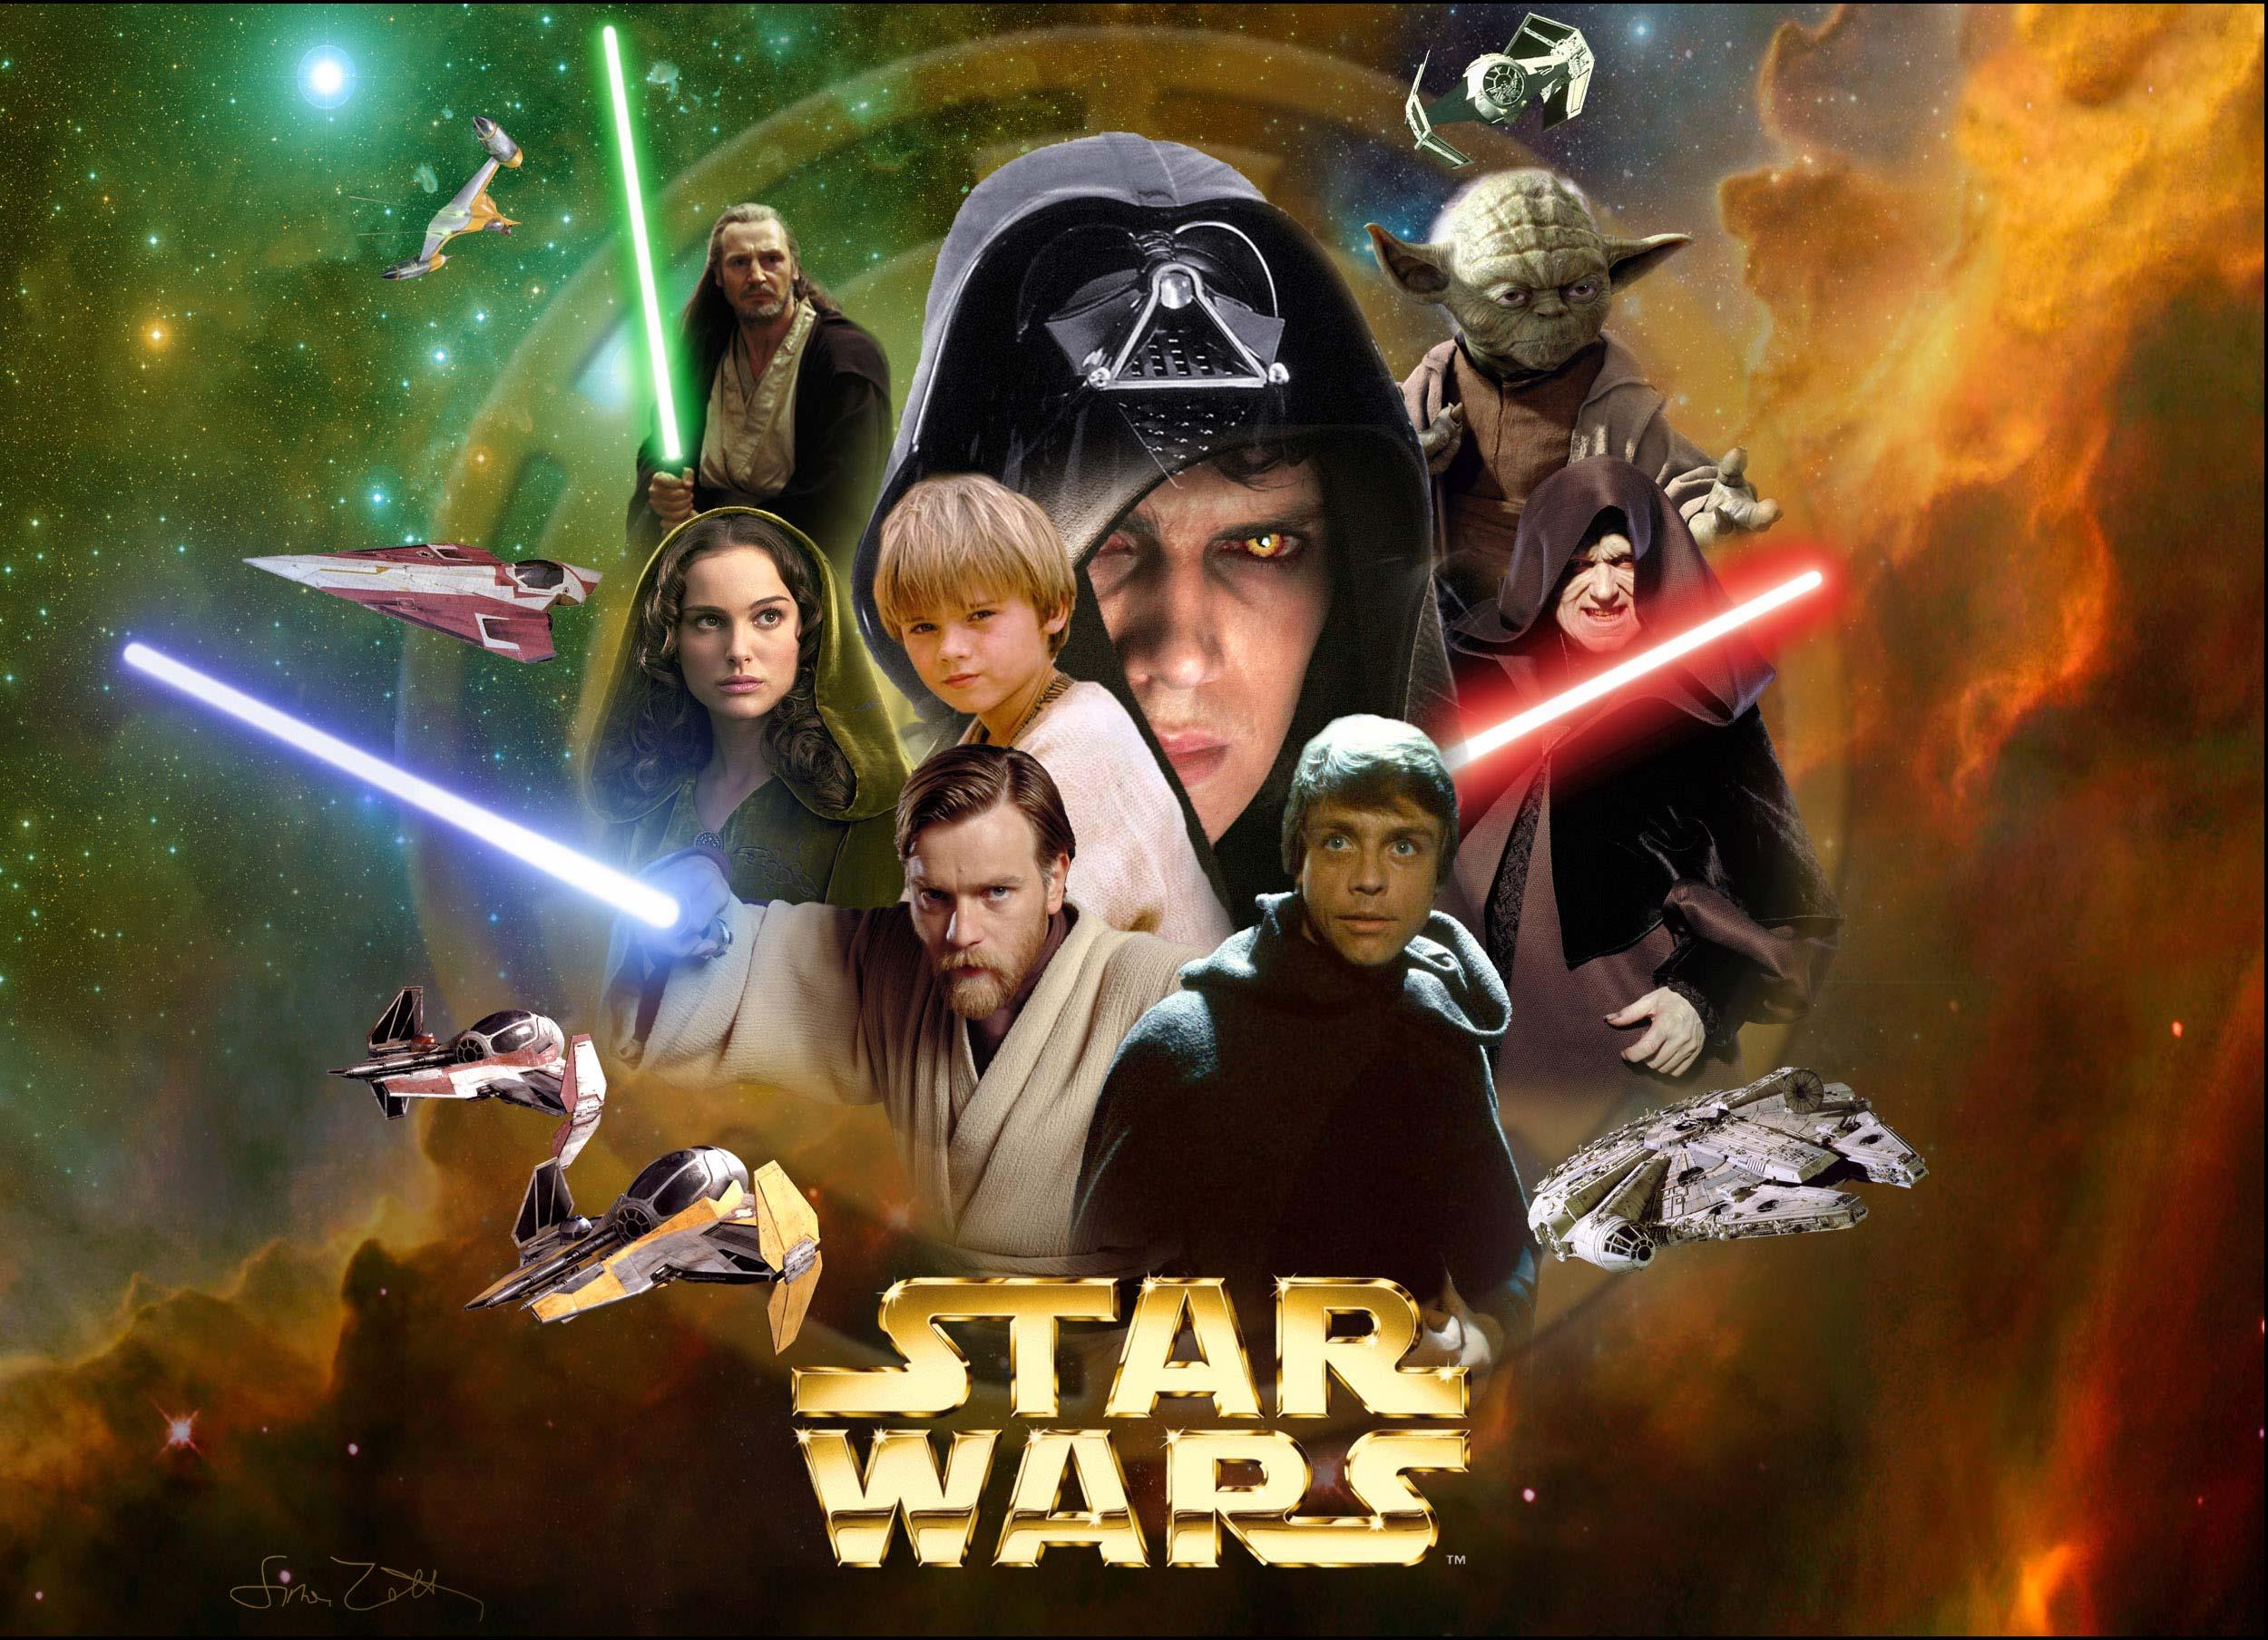 Star Wars Wallpaper 2500x1808